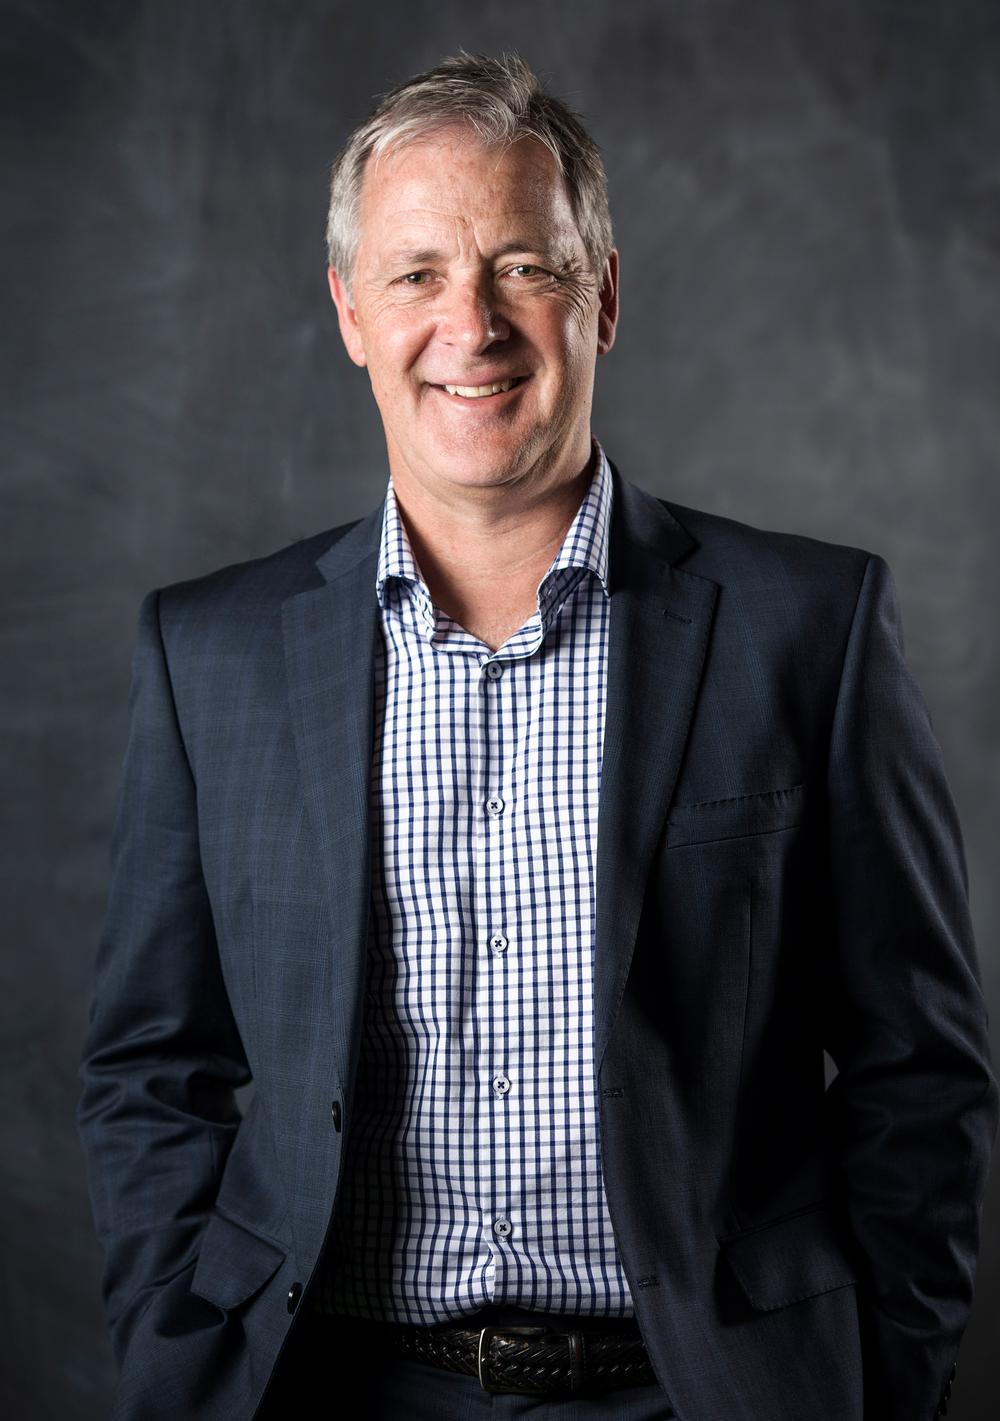 Leisure Management Greg Oliver